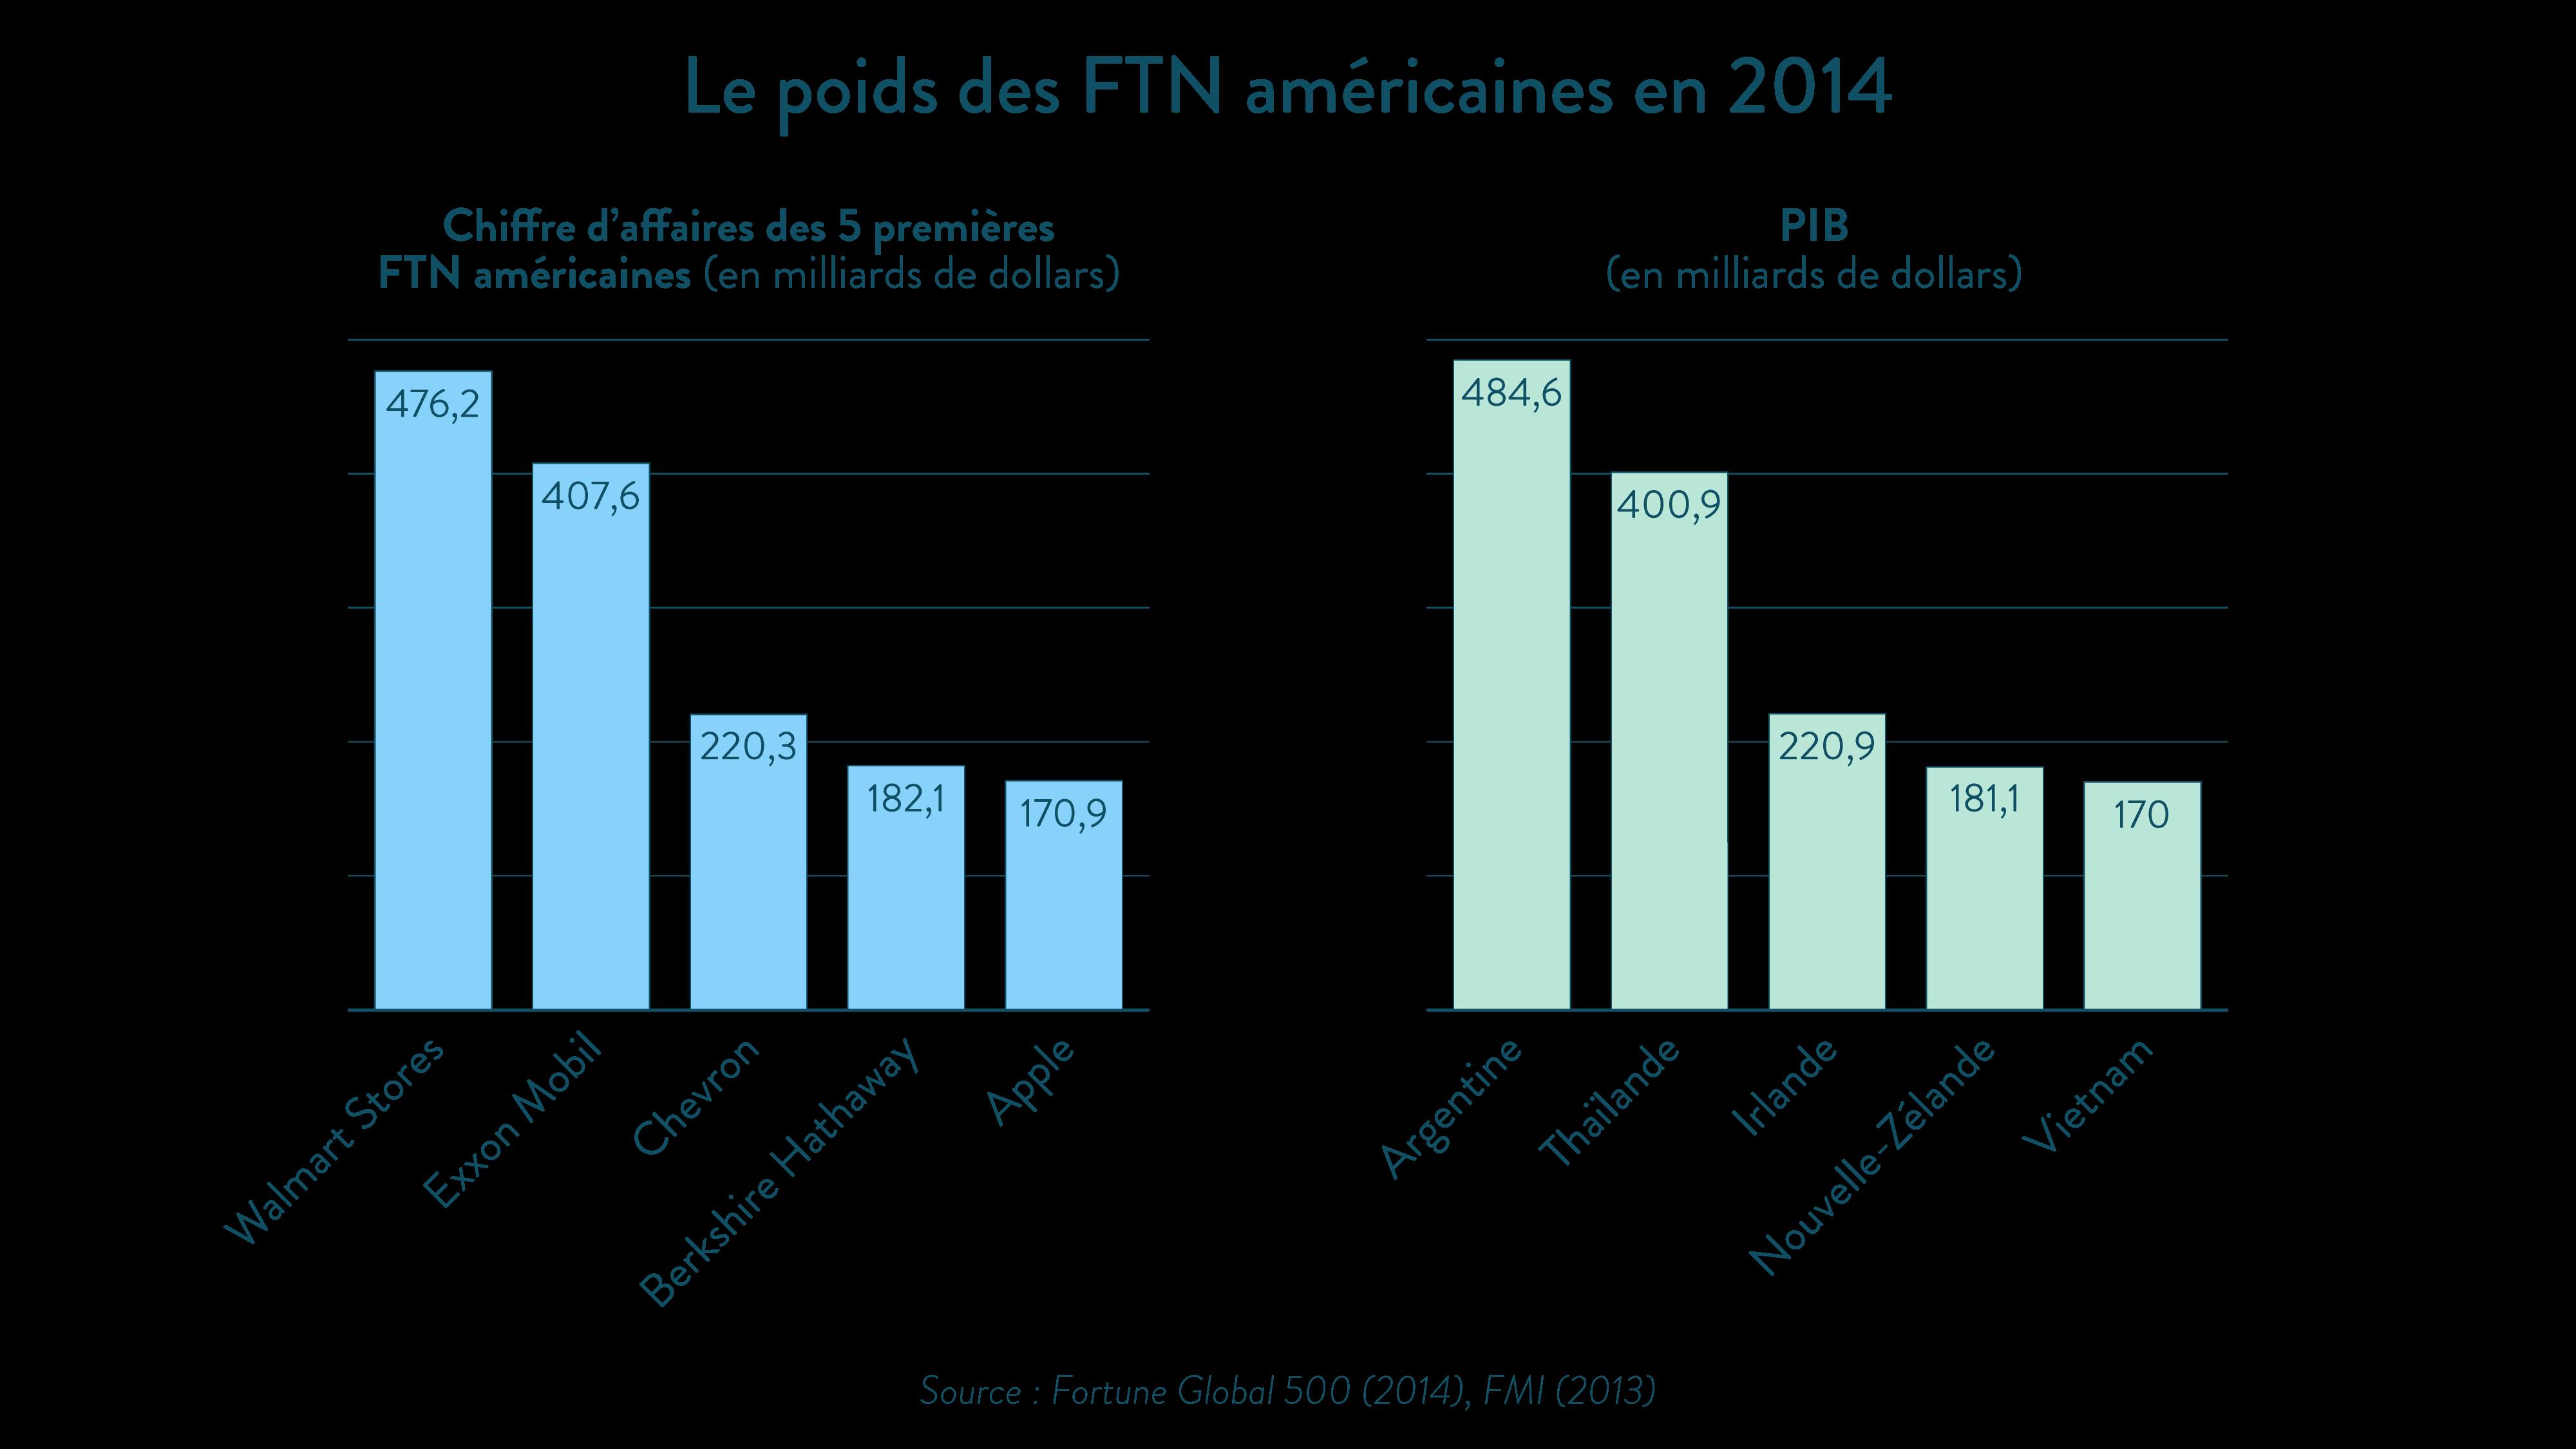 Alt Le poids des FTN américaines en 2014